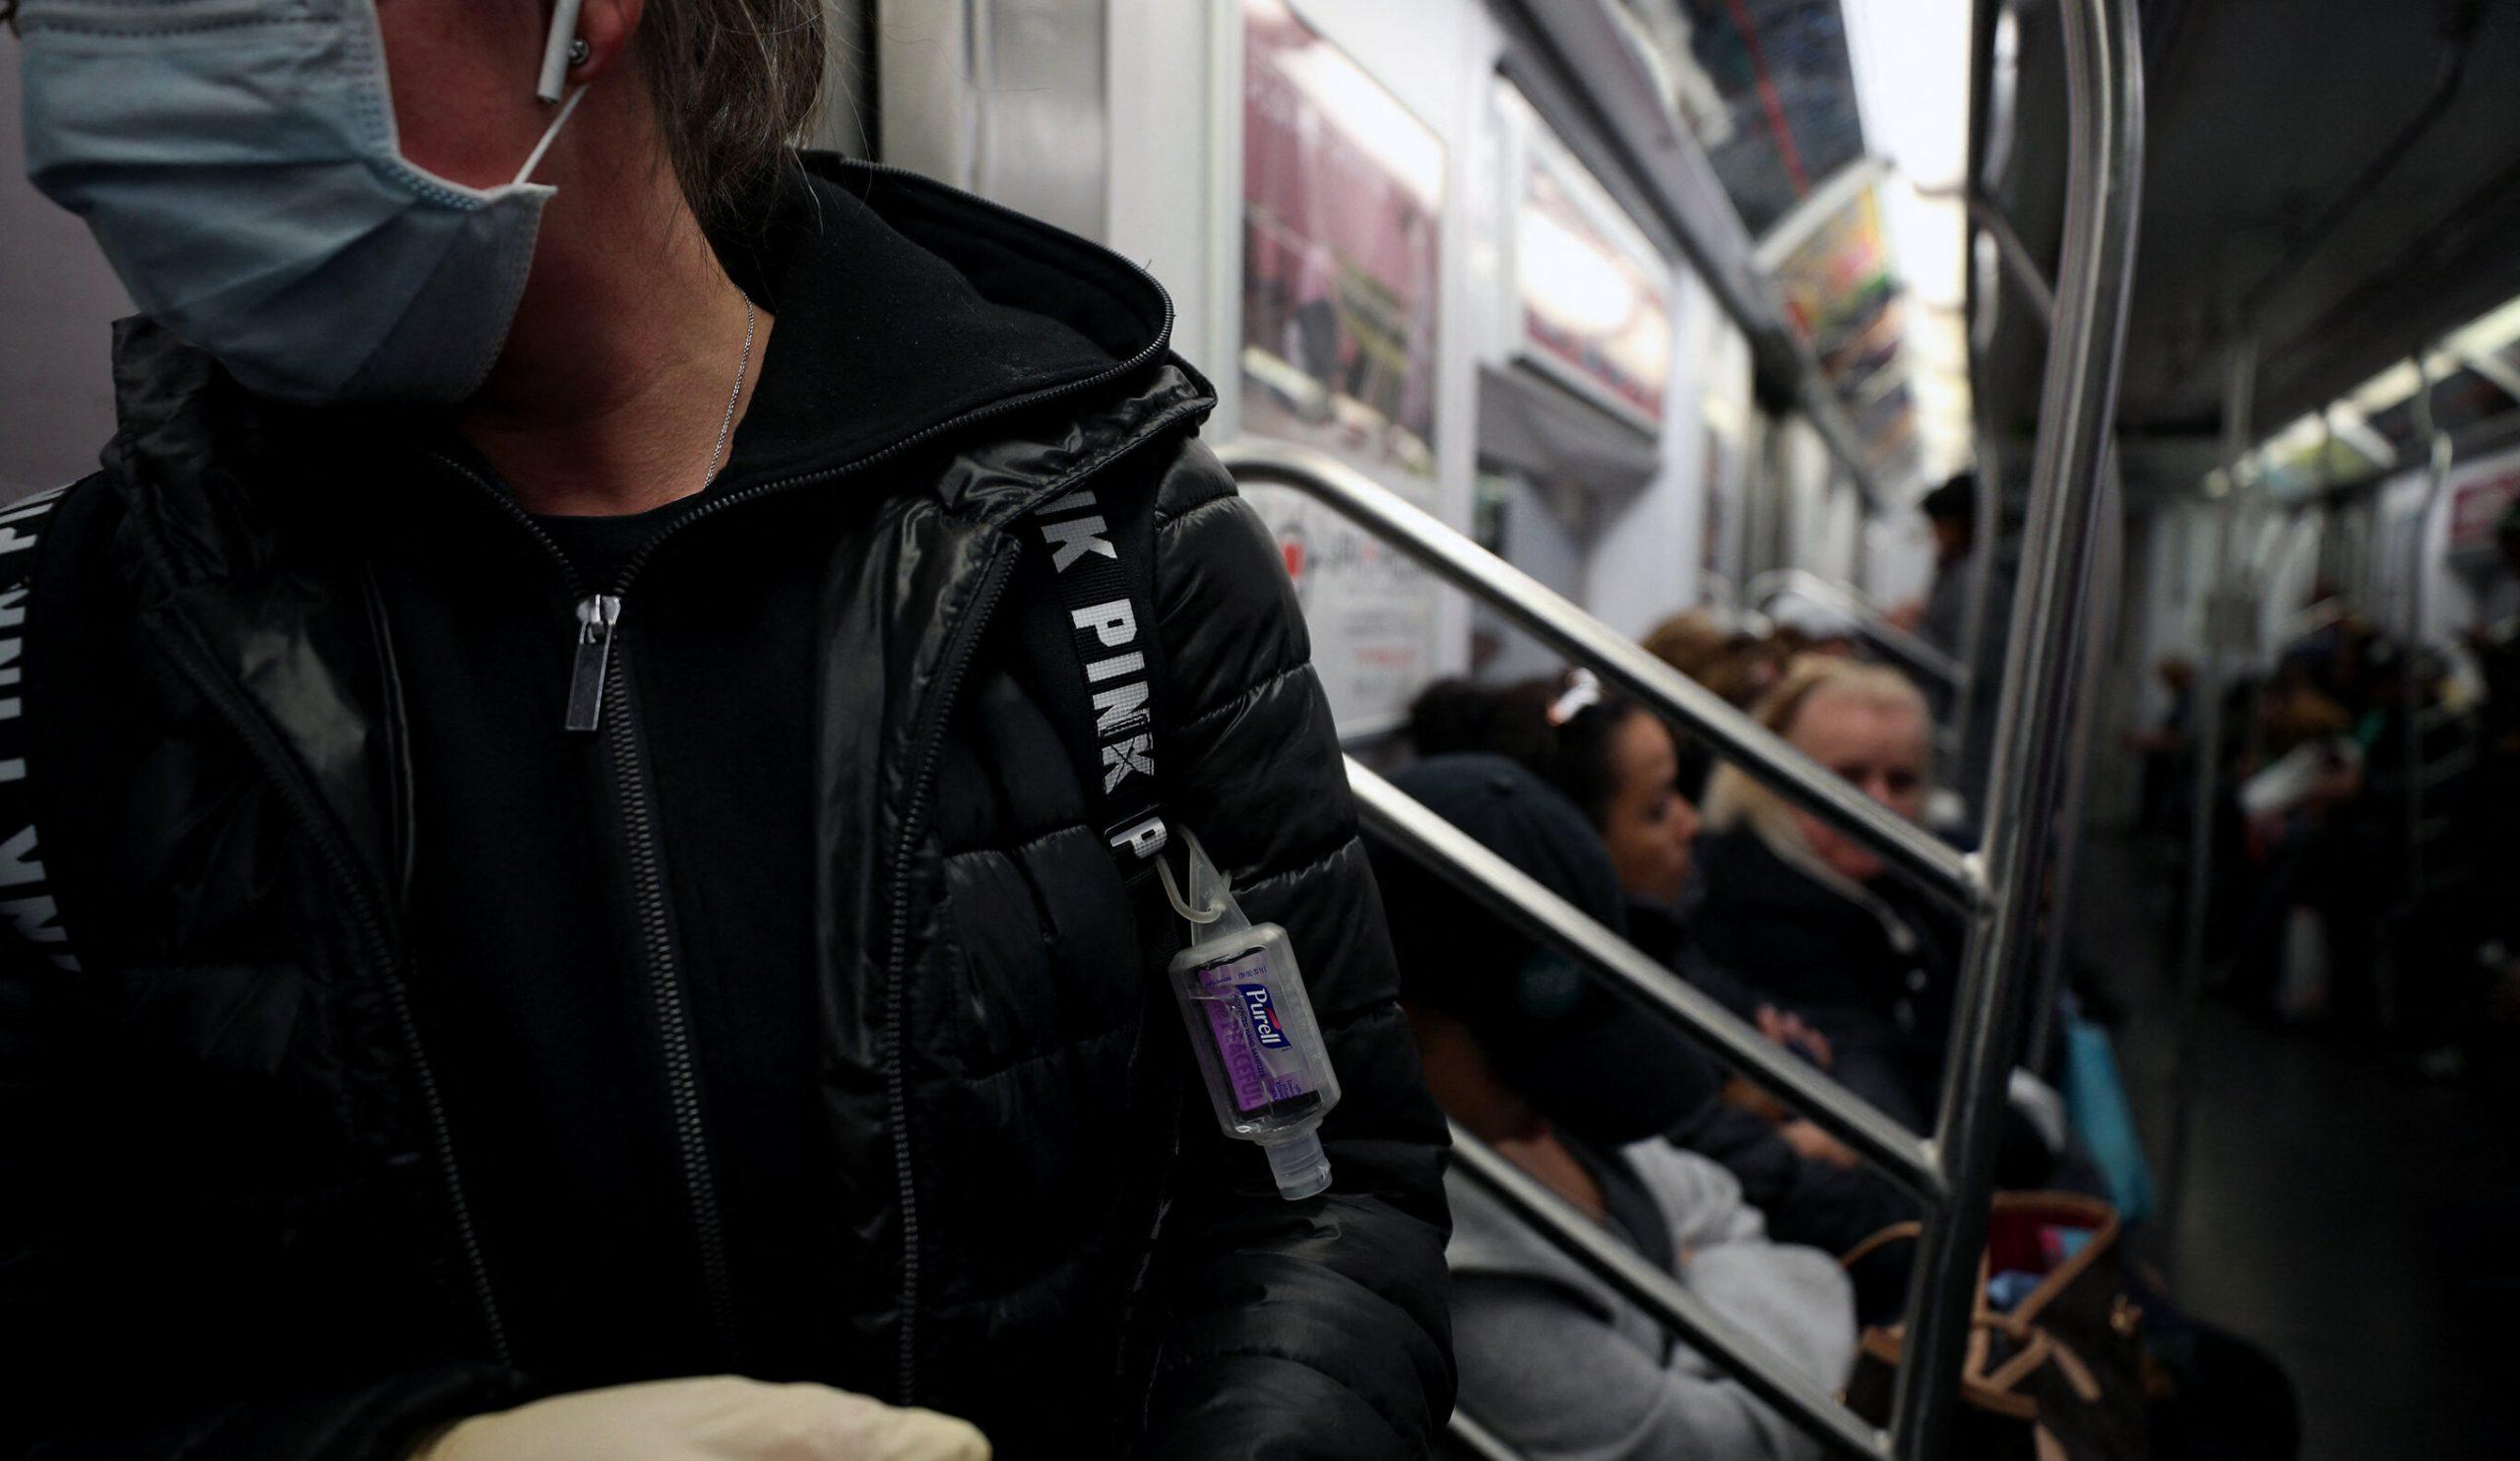 Covid-19| De teamă să nu se infecteze, londonezii refuză să se sprijine de balustradele din mijloacele de transport și se accidentează, uneori mortal